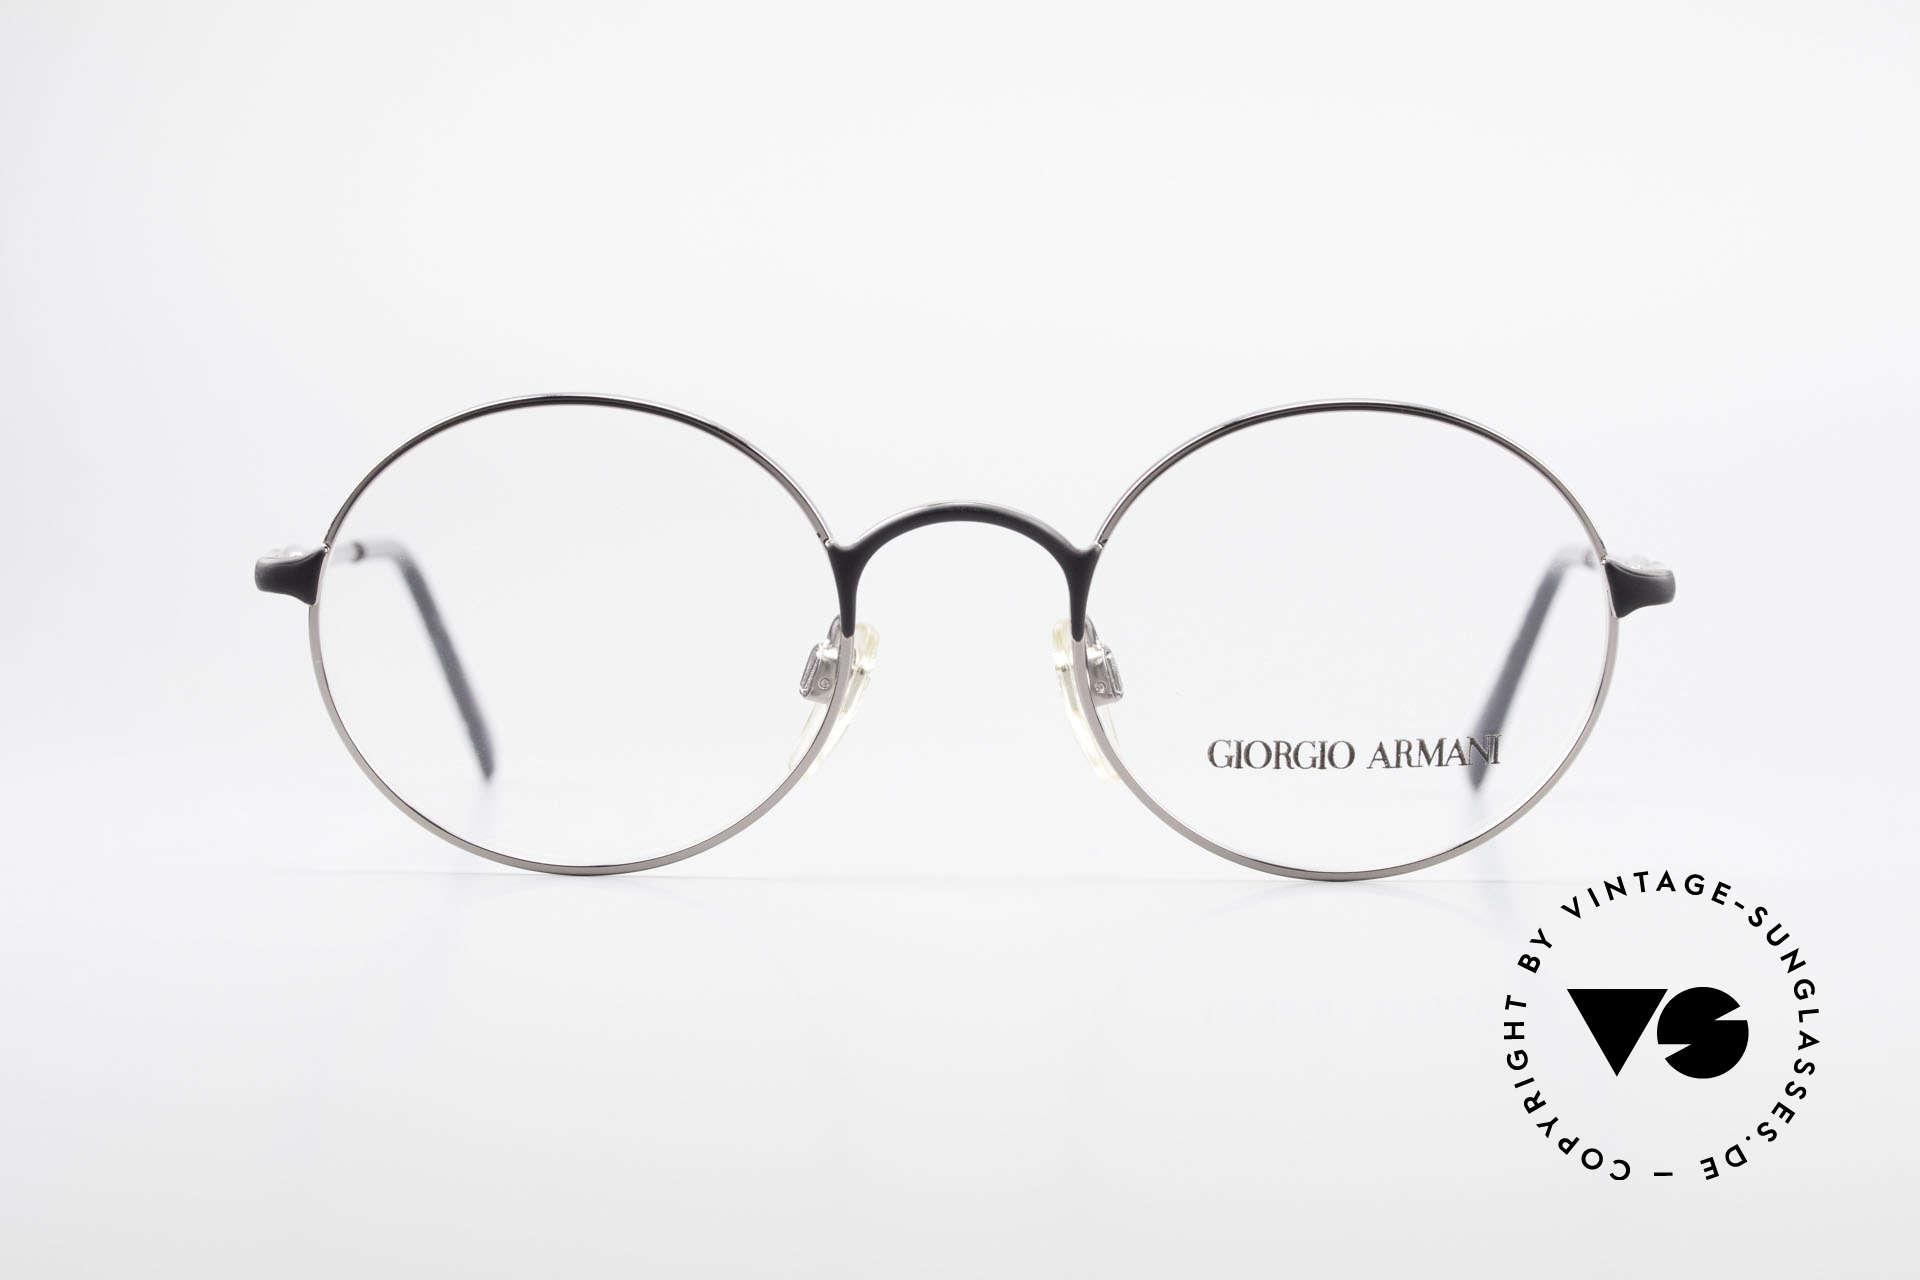 Giorgio Armani 243 Runde Ovale Brille 90er Small, schlichter, runder Rahmen in KLEINER Größe!, Passend für Herren und Damen